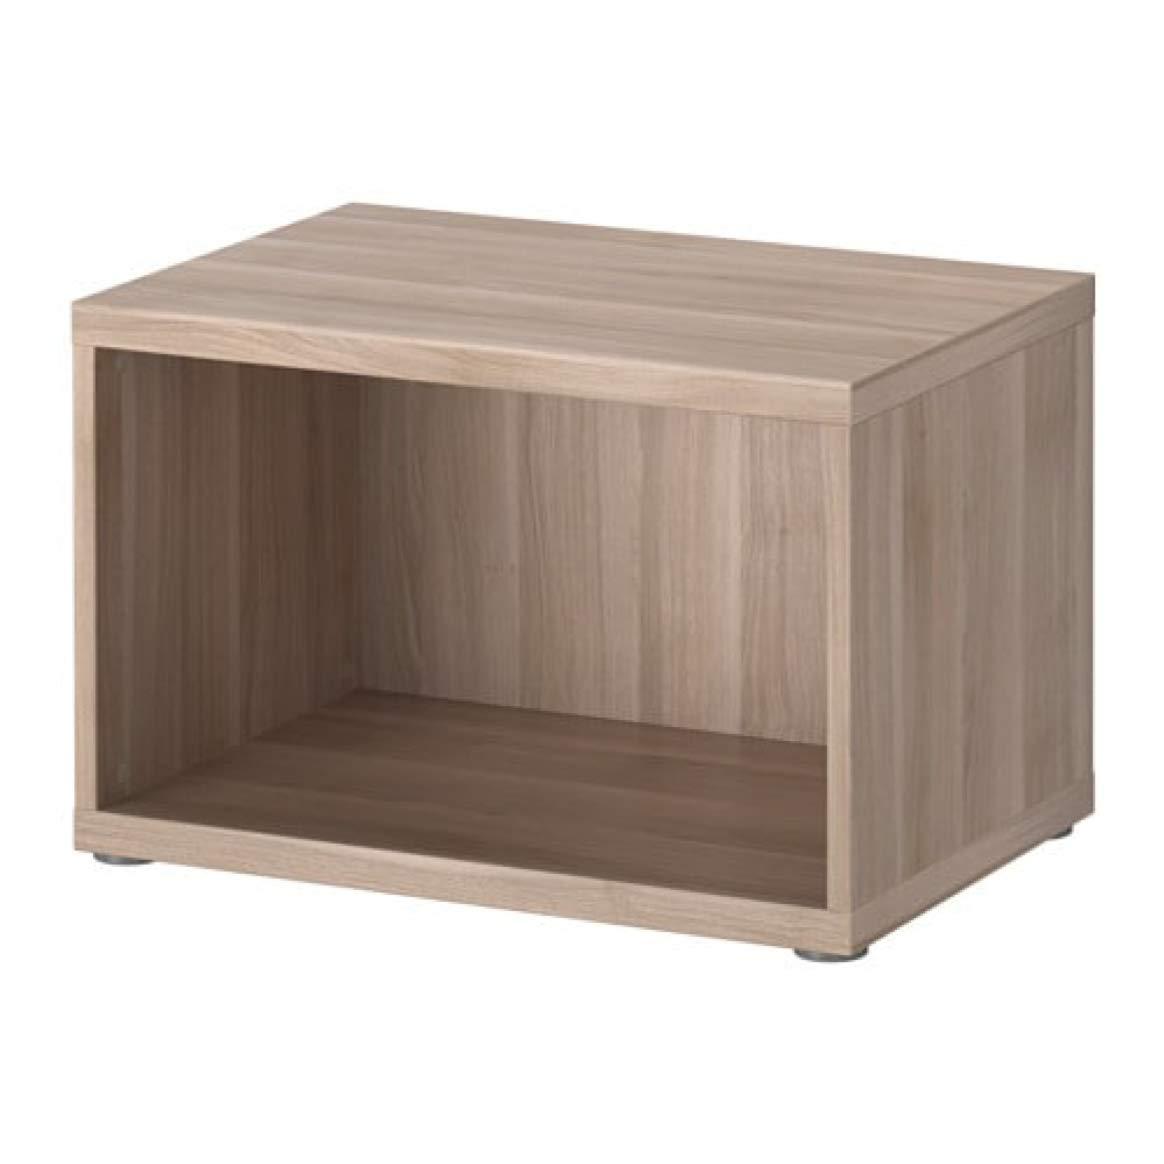 Amazoncom Ikea Besta Frame Walnut Effect Light Gray